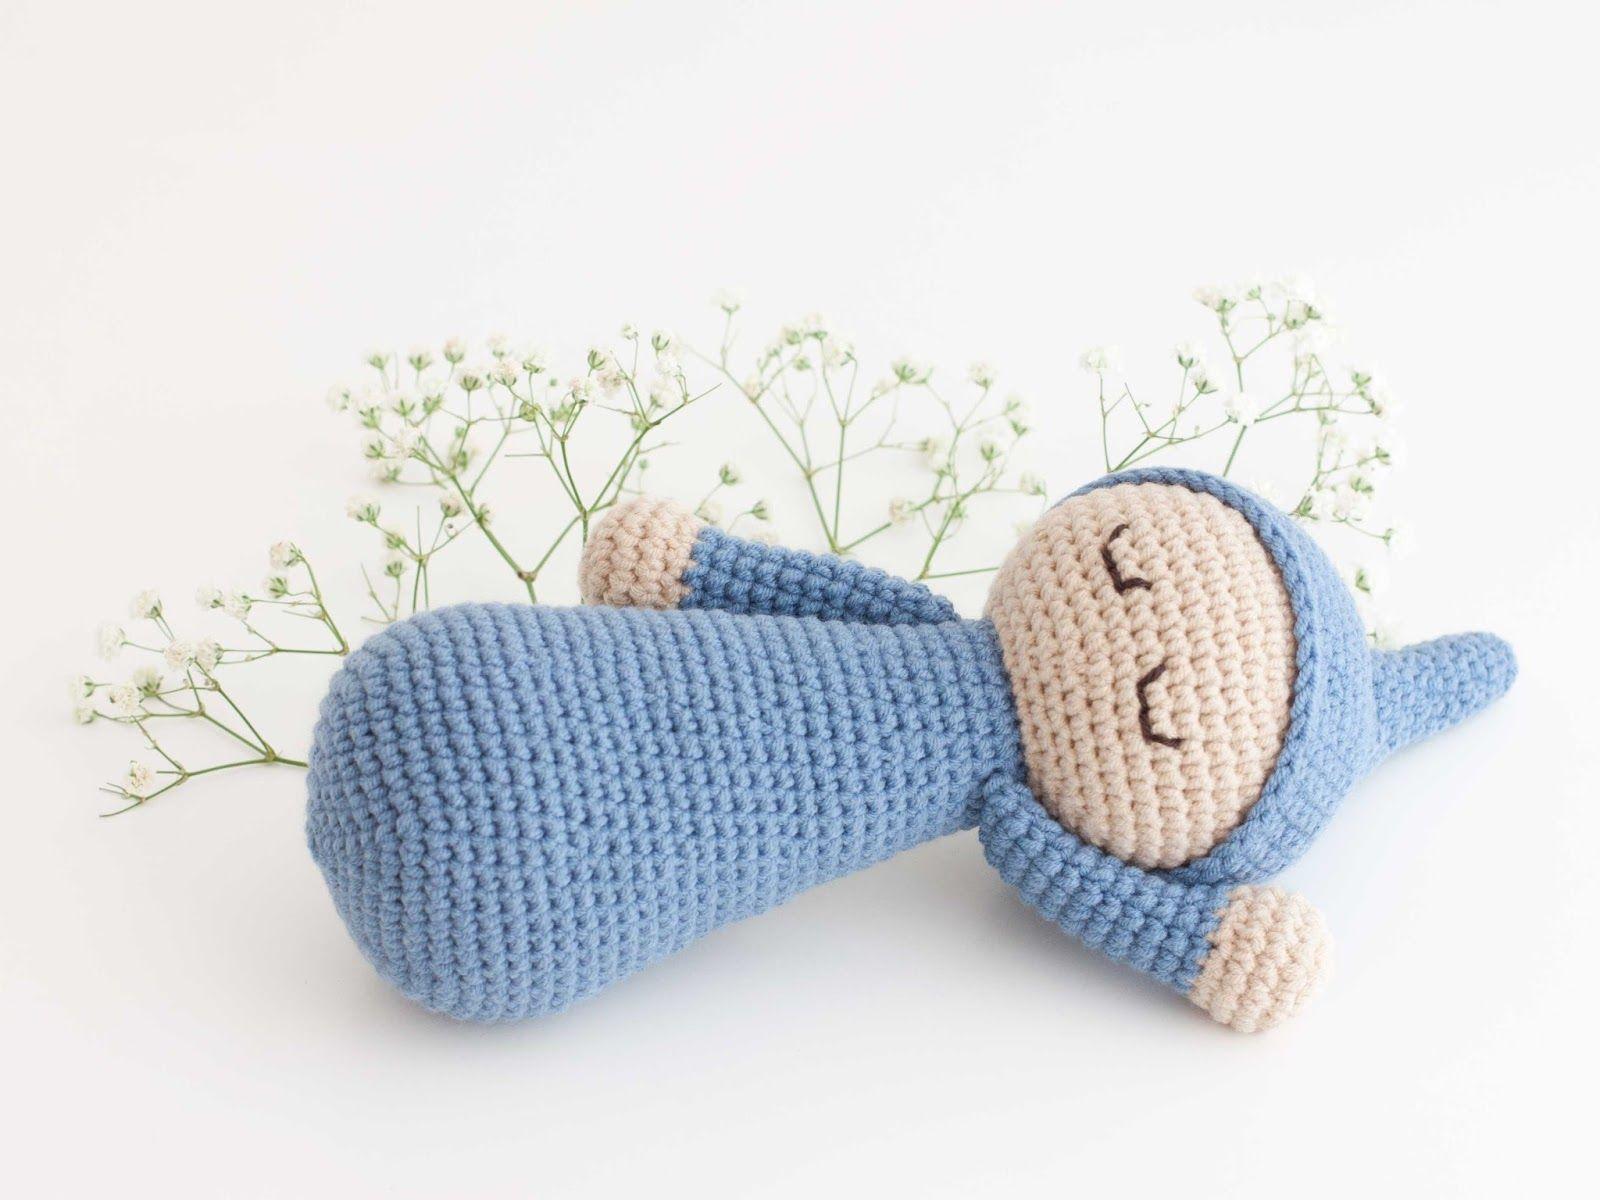 Amigurumi baby (link to free pattern) | Amigurumis PequiCosas ...